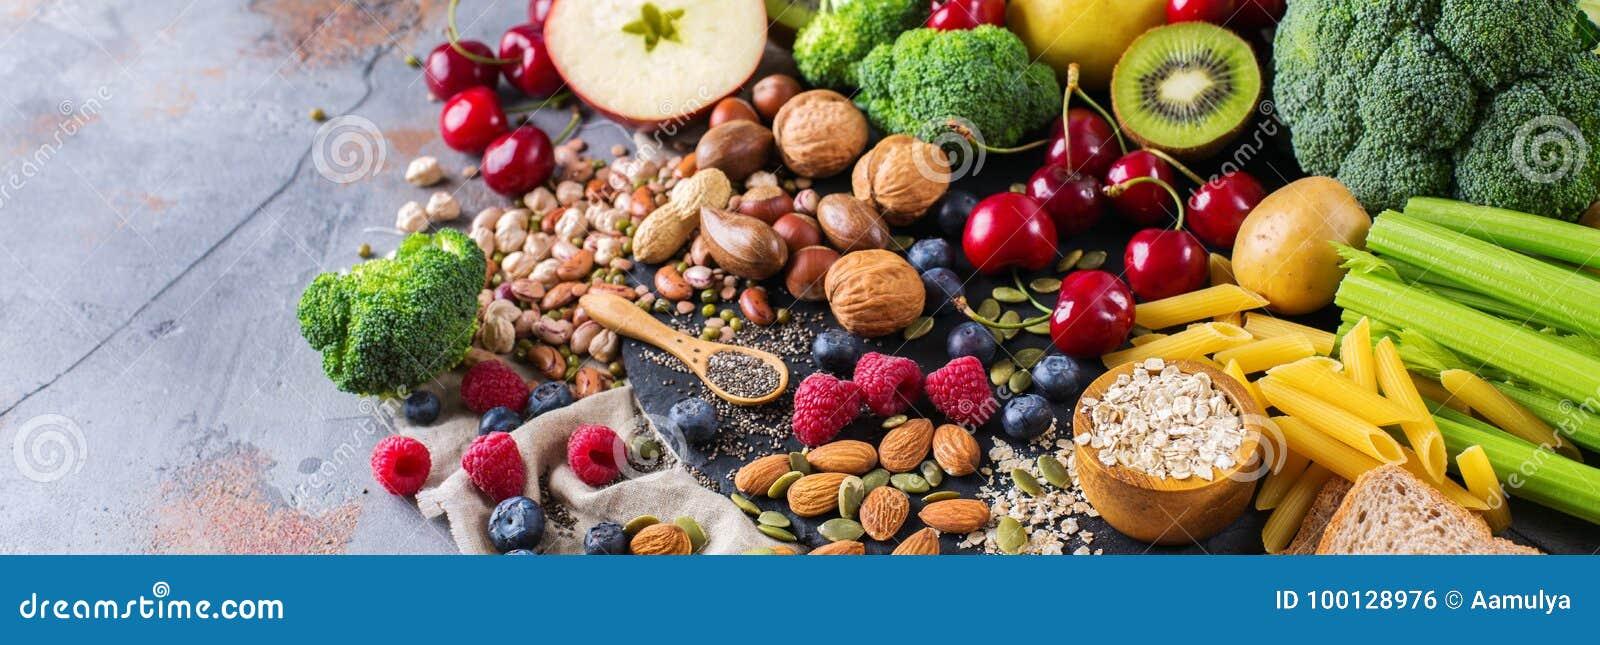 Seleção do alimento rico saudável do vegetariano das fontes da fibra para cozinhar